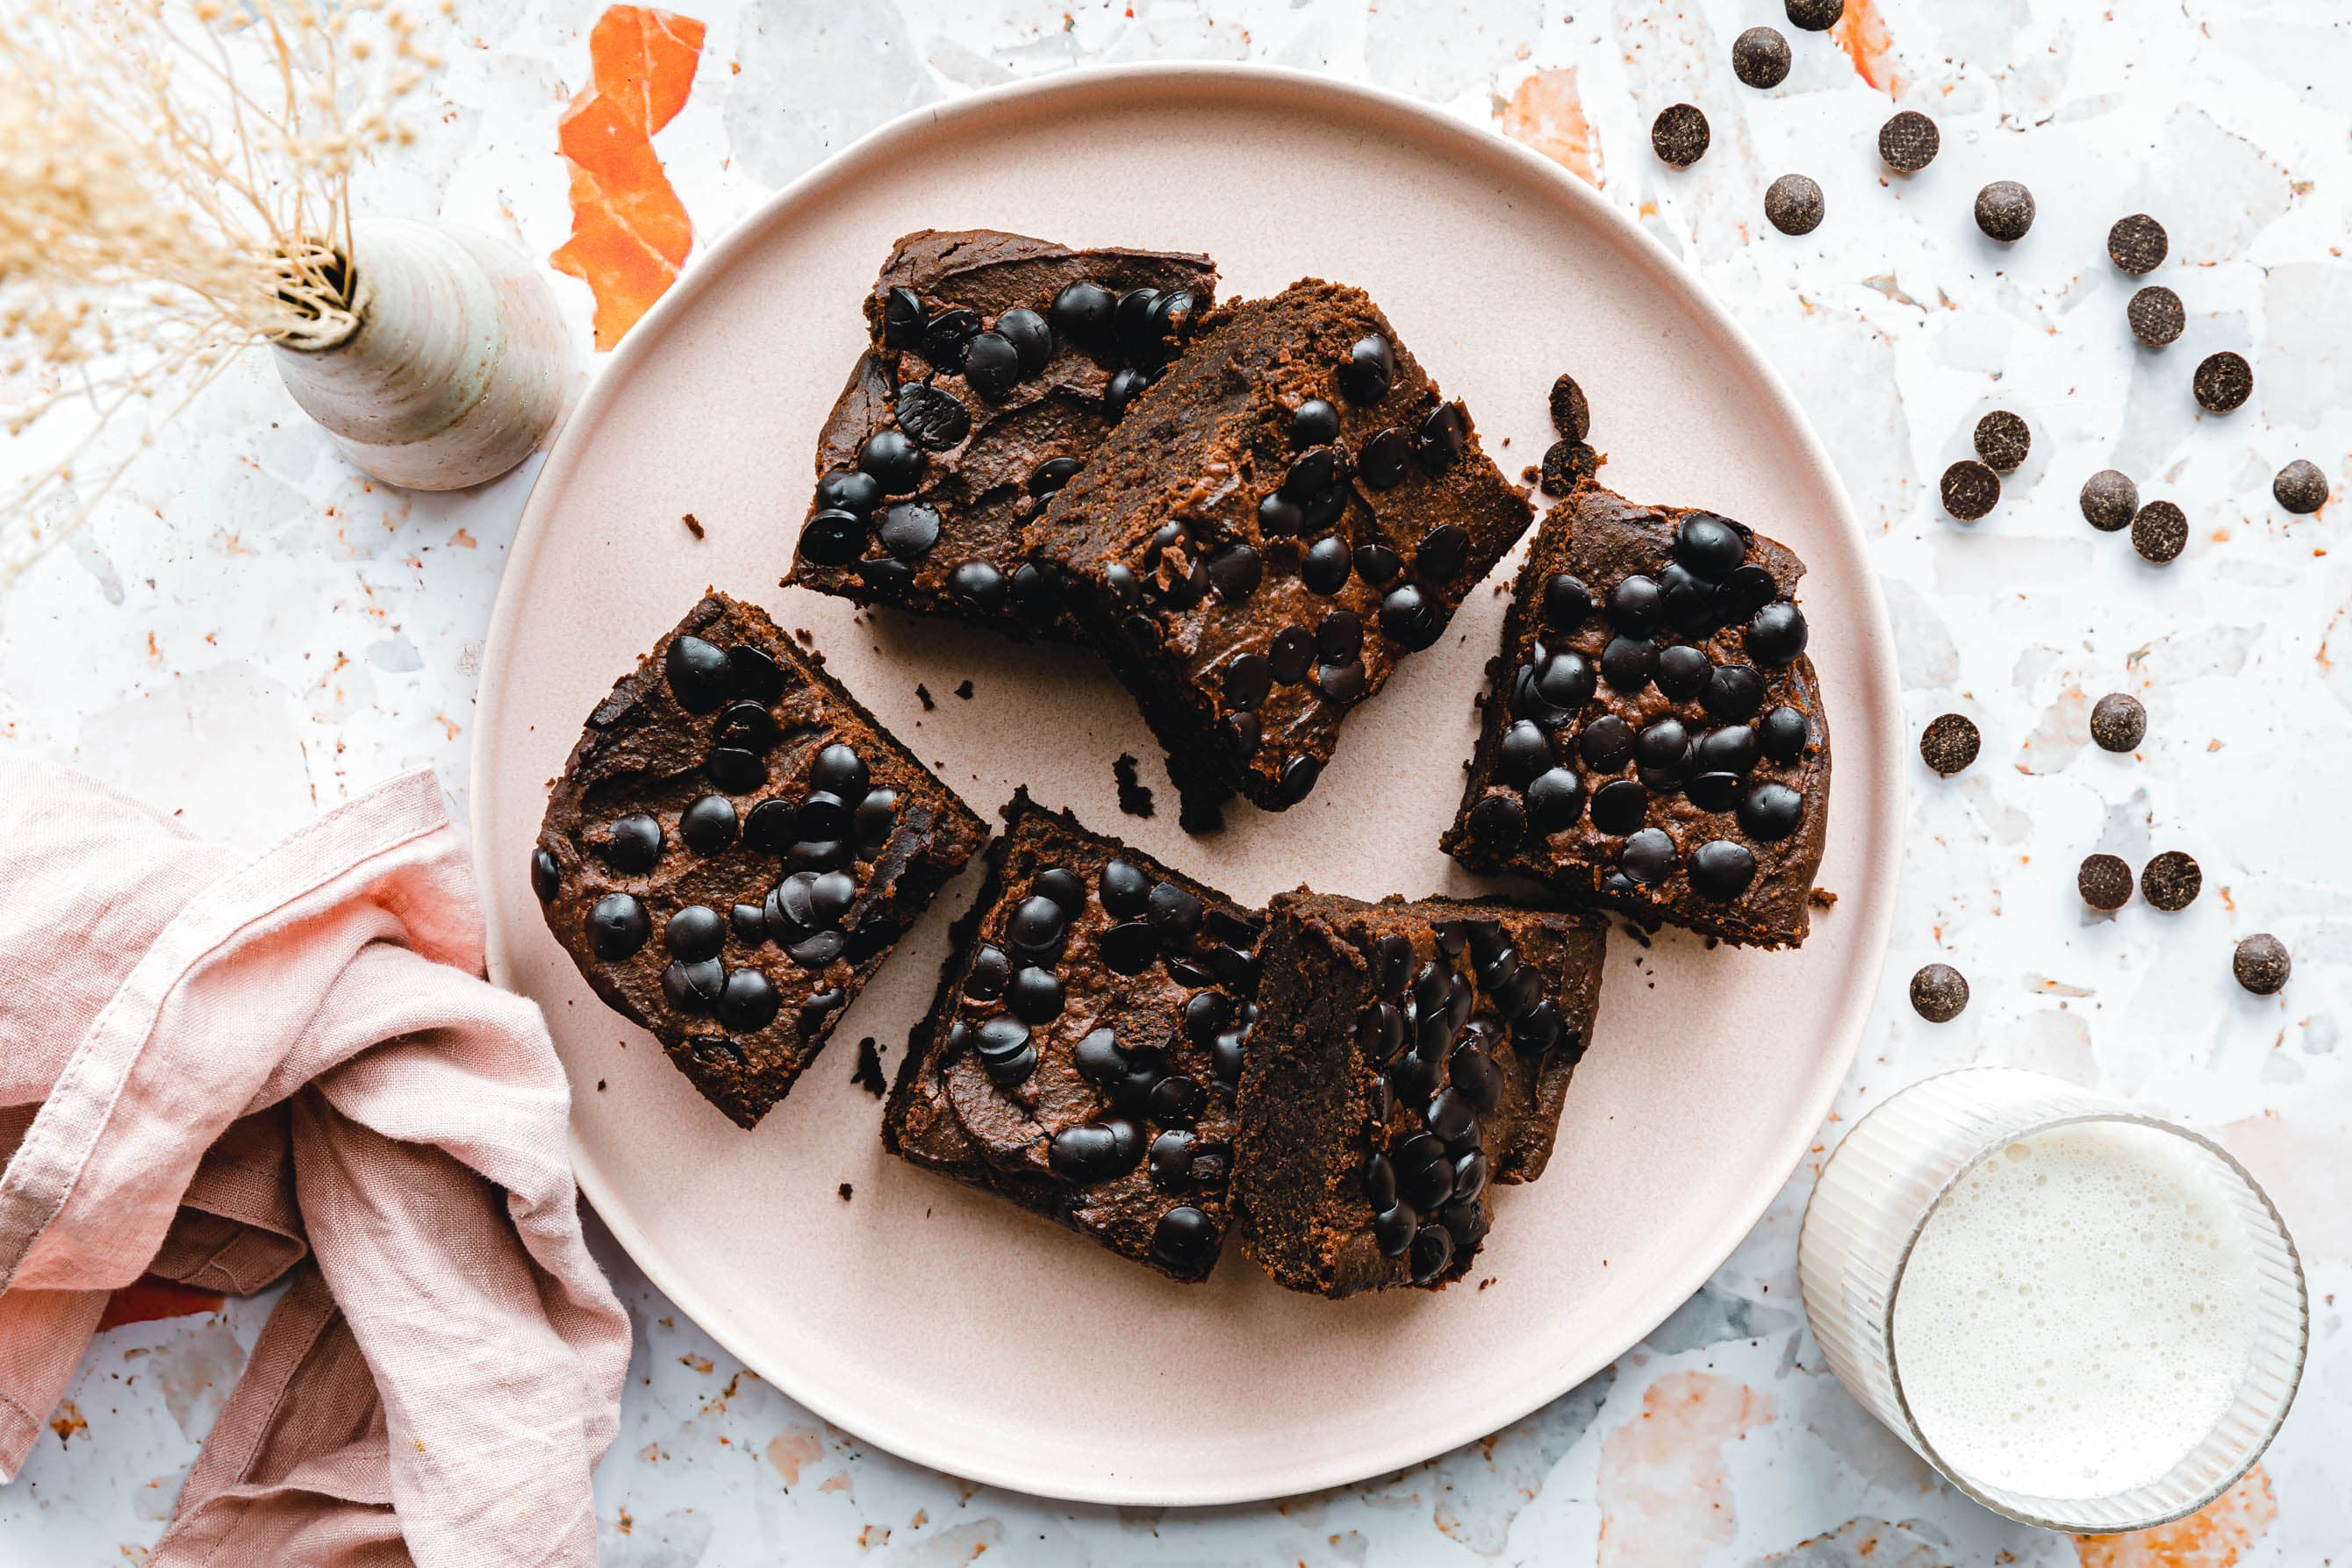 Vegane Kichererbsen-Schoko-Brownies aus dem Mixer